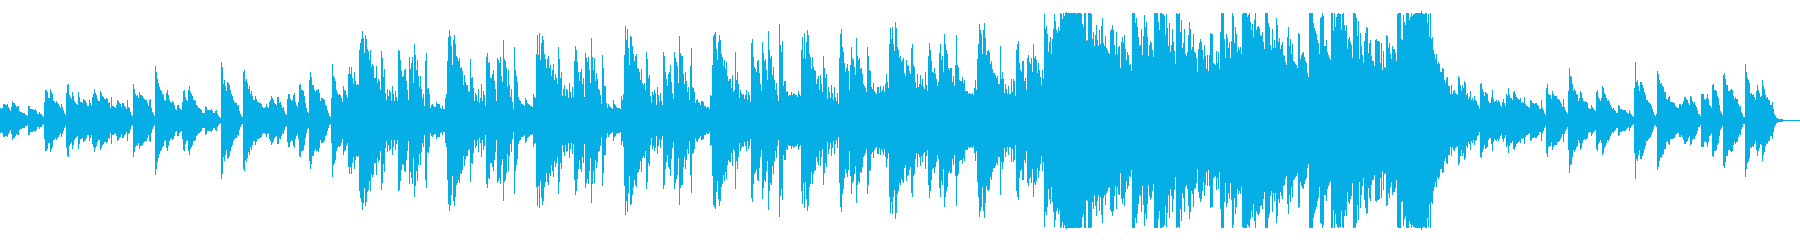 切ないピアノで彩るエモバラードの再生済みの波形